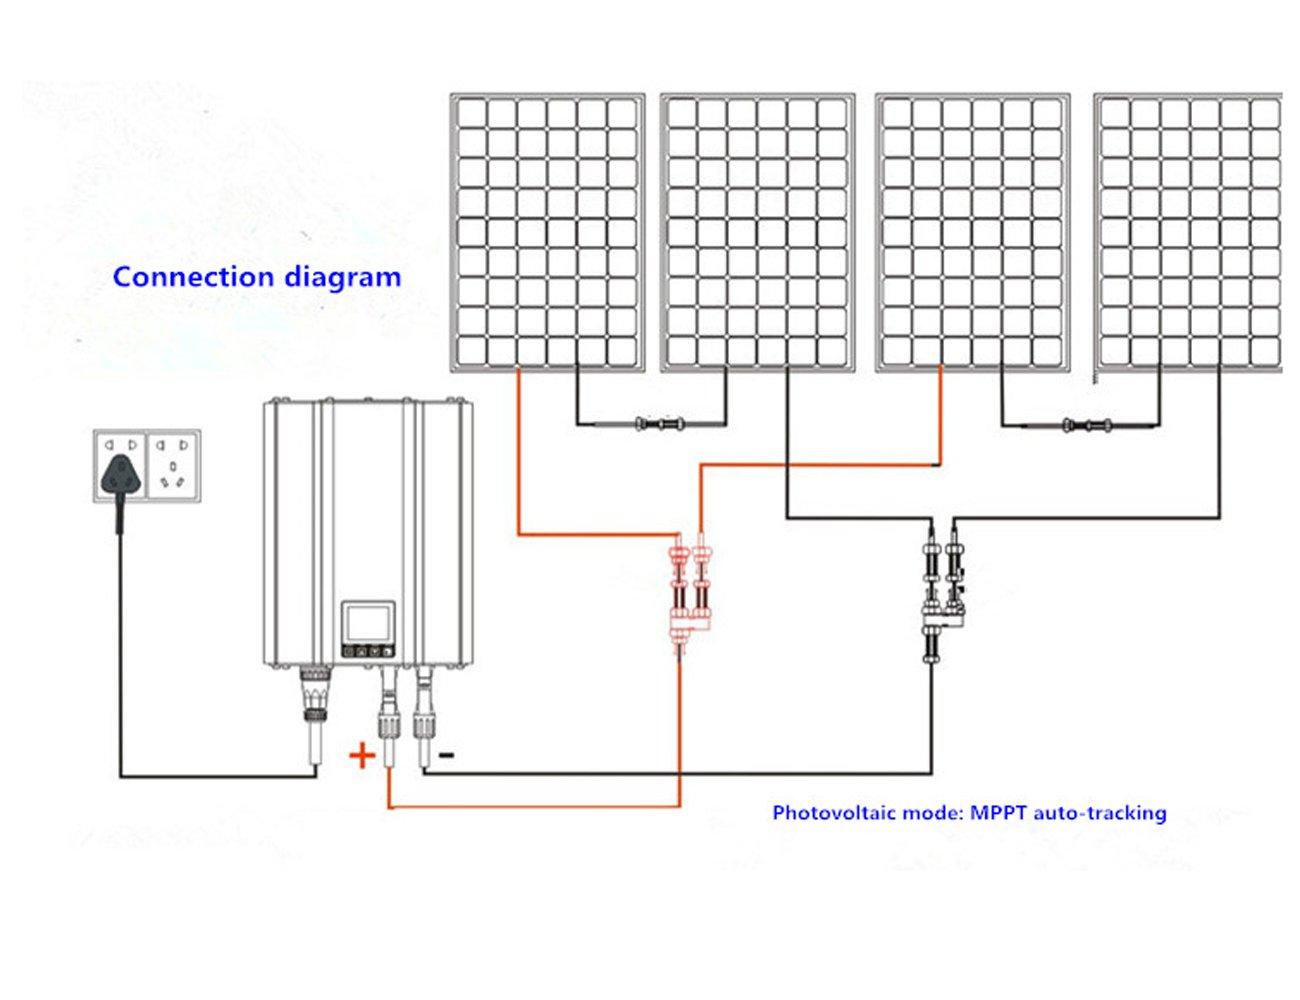 Sma Sunny Boy Wiring Diagram On Home Grid Tie Solar Wiring Diagram